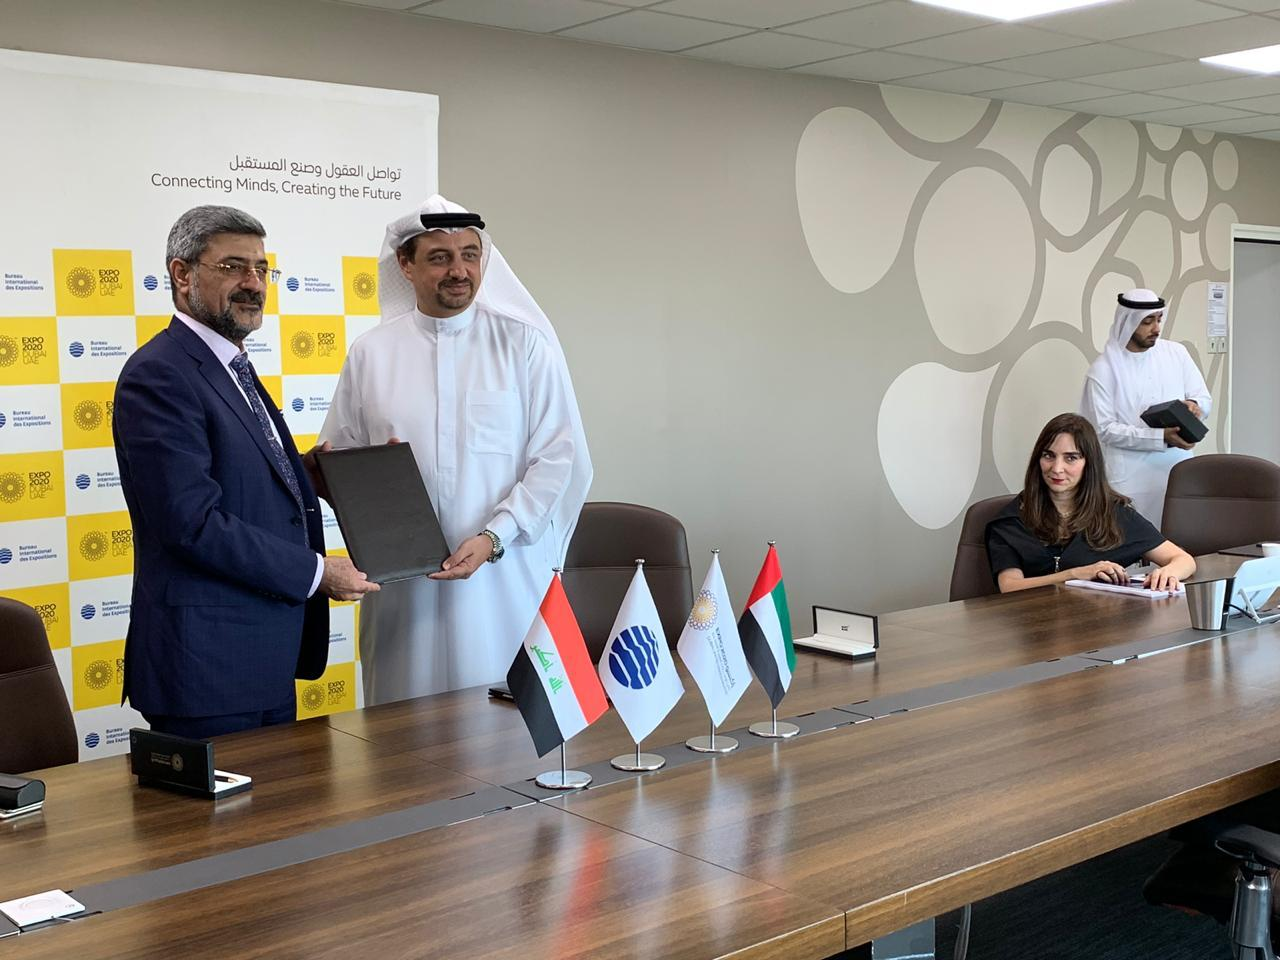 مدير عام شركة المعارض والخدمات التجارية العراقية … توقيع عقد مشاركة العراق